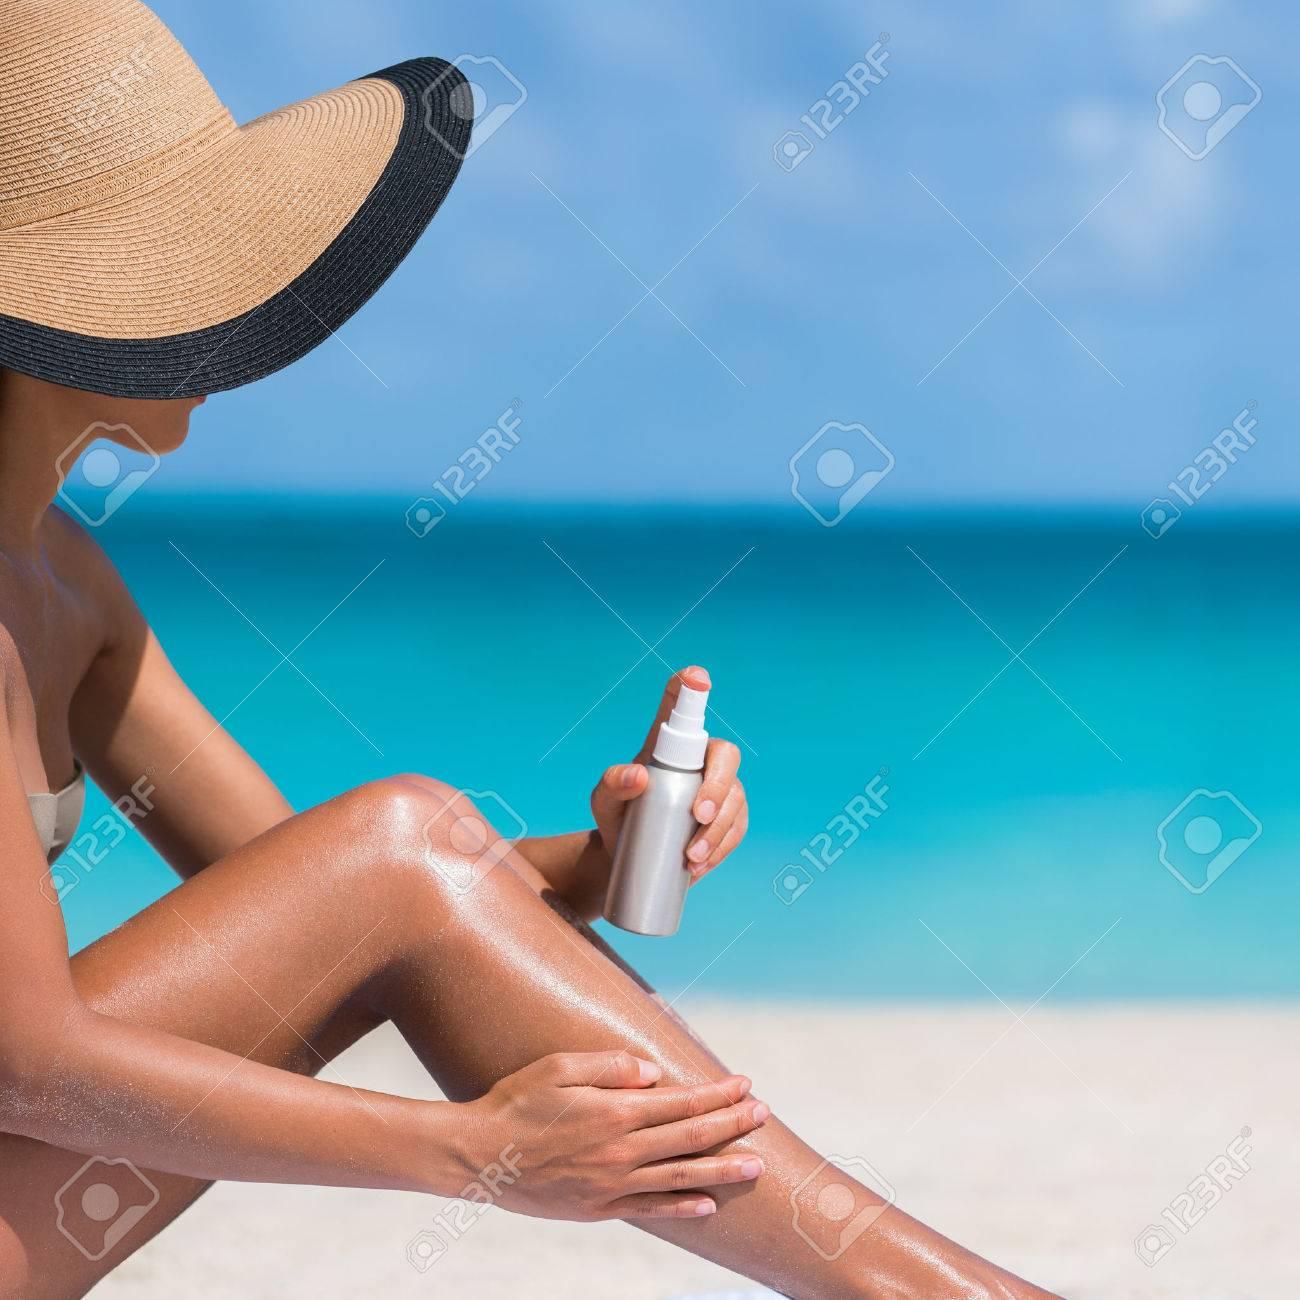 Plage hâle corps vacances Voyage de soins de la peau. Bikini chapeau femme d'appliquer la lotion solaire mettre la crème sur les jambes sexy tannées bronzer bronzage assis sur le sable avec bleu turquoise océan fond. Banque d'images - 56700667